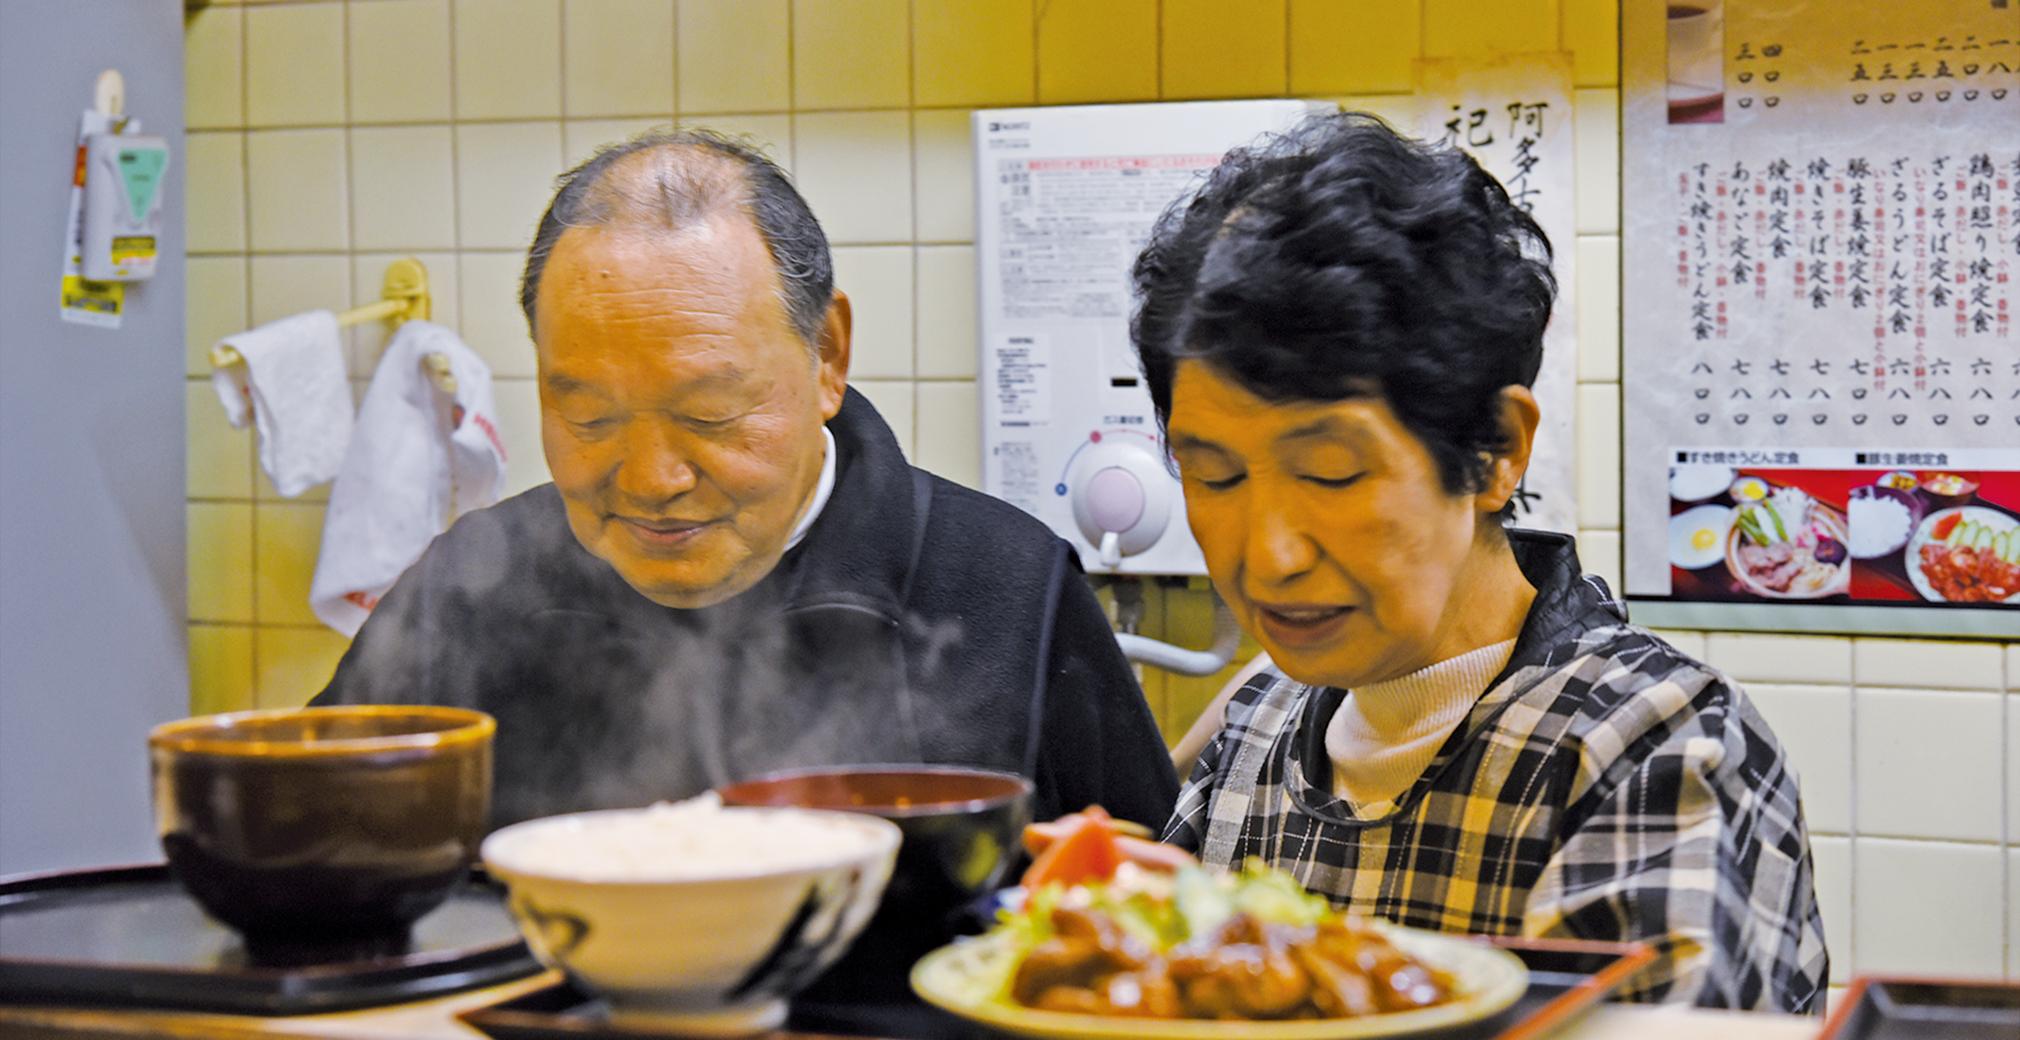 《草津 名店ファイル Vol.6》<br /> 古き良き昭和の定食屋さん「いずみや」